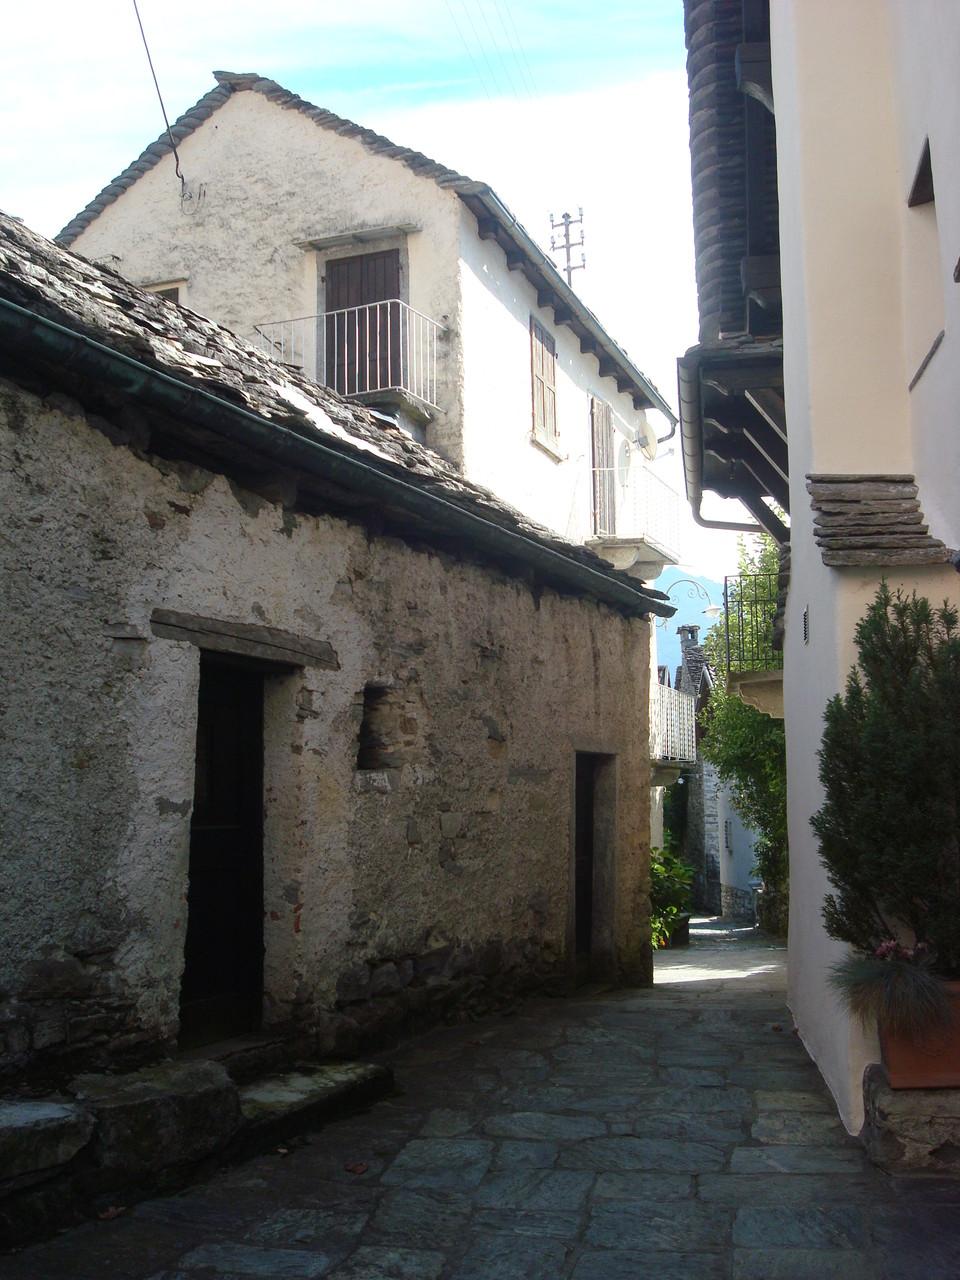 Borgnone